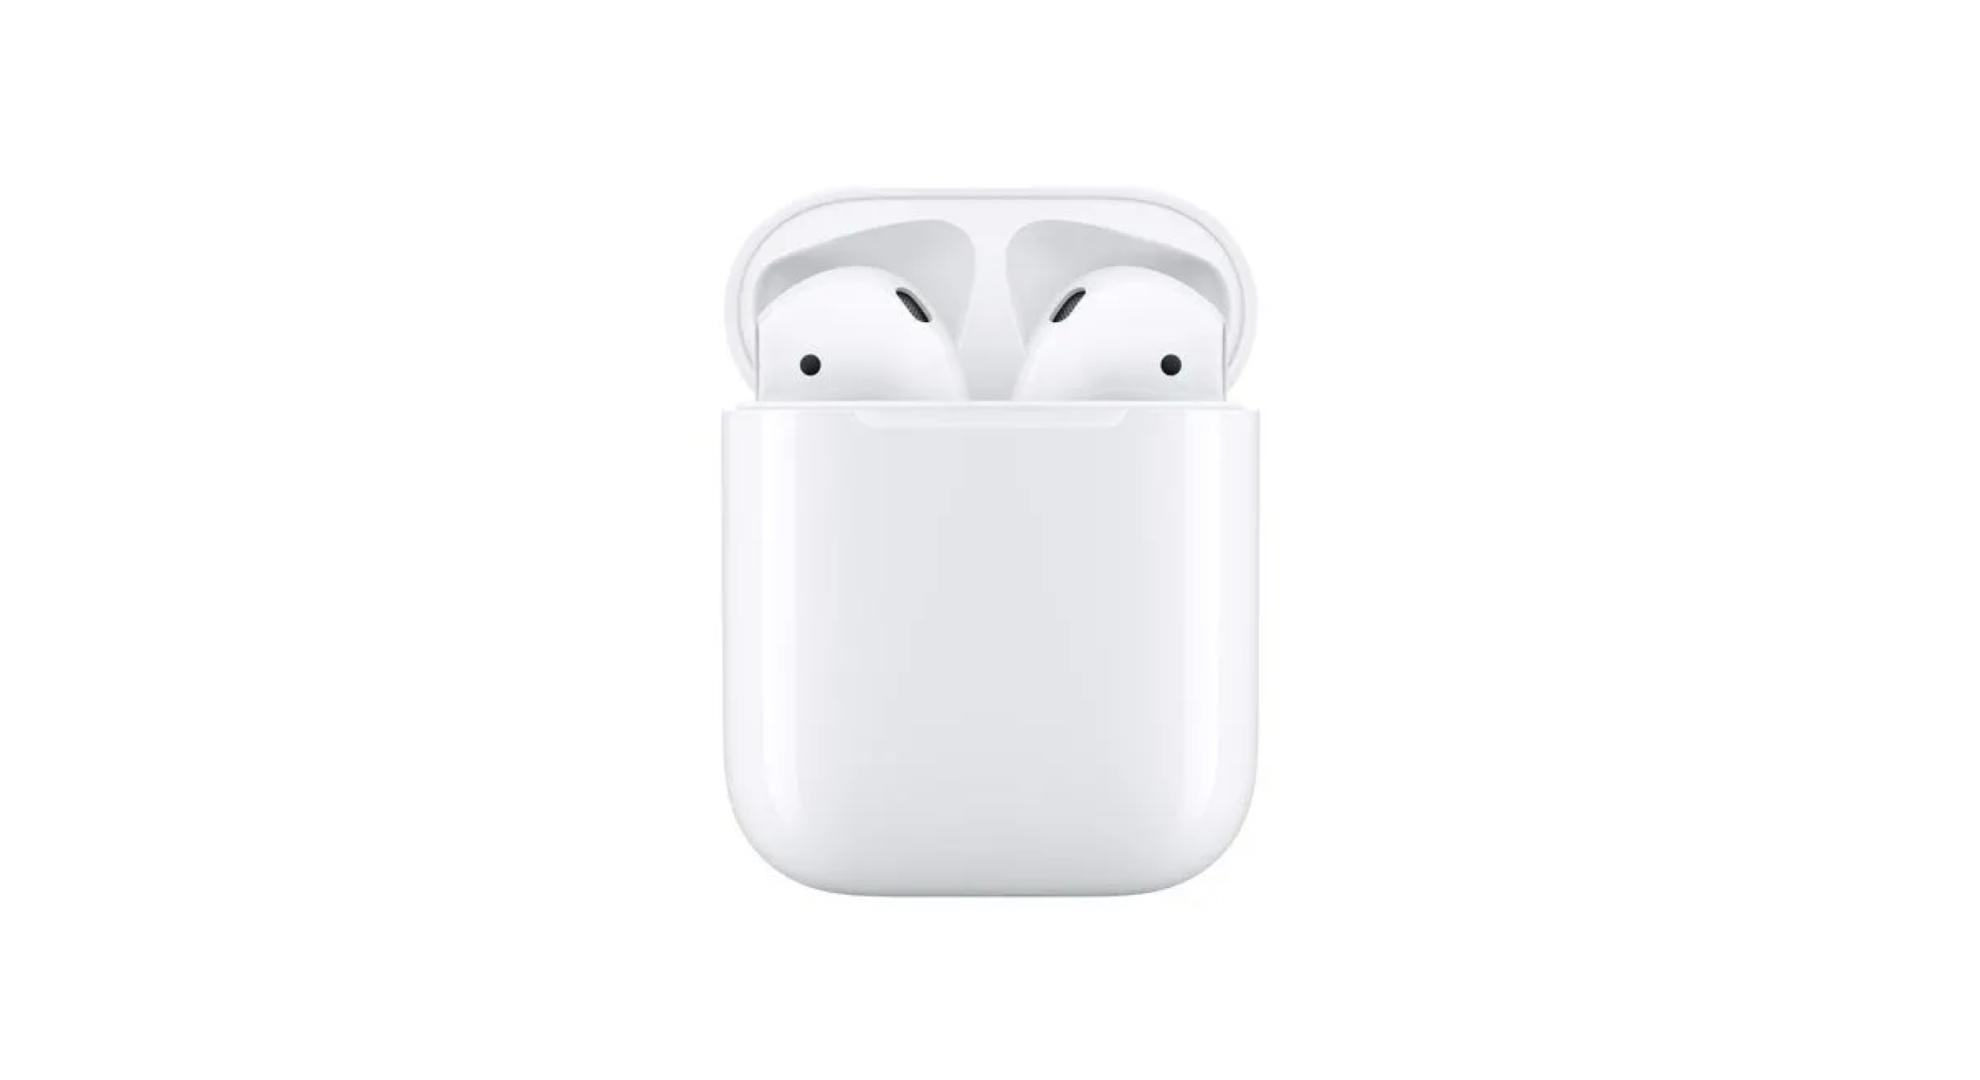 Apple Airpods 2 : près de 50 euros de réduction seulement jusqu'à ce soir